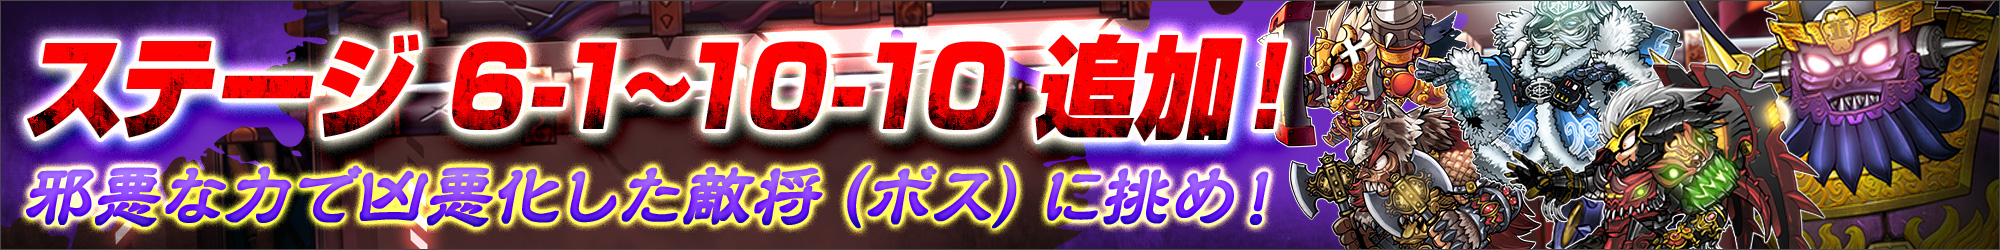 新ステージ6~10追加!邪悪な力で凶暴化した敵将に挑め!